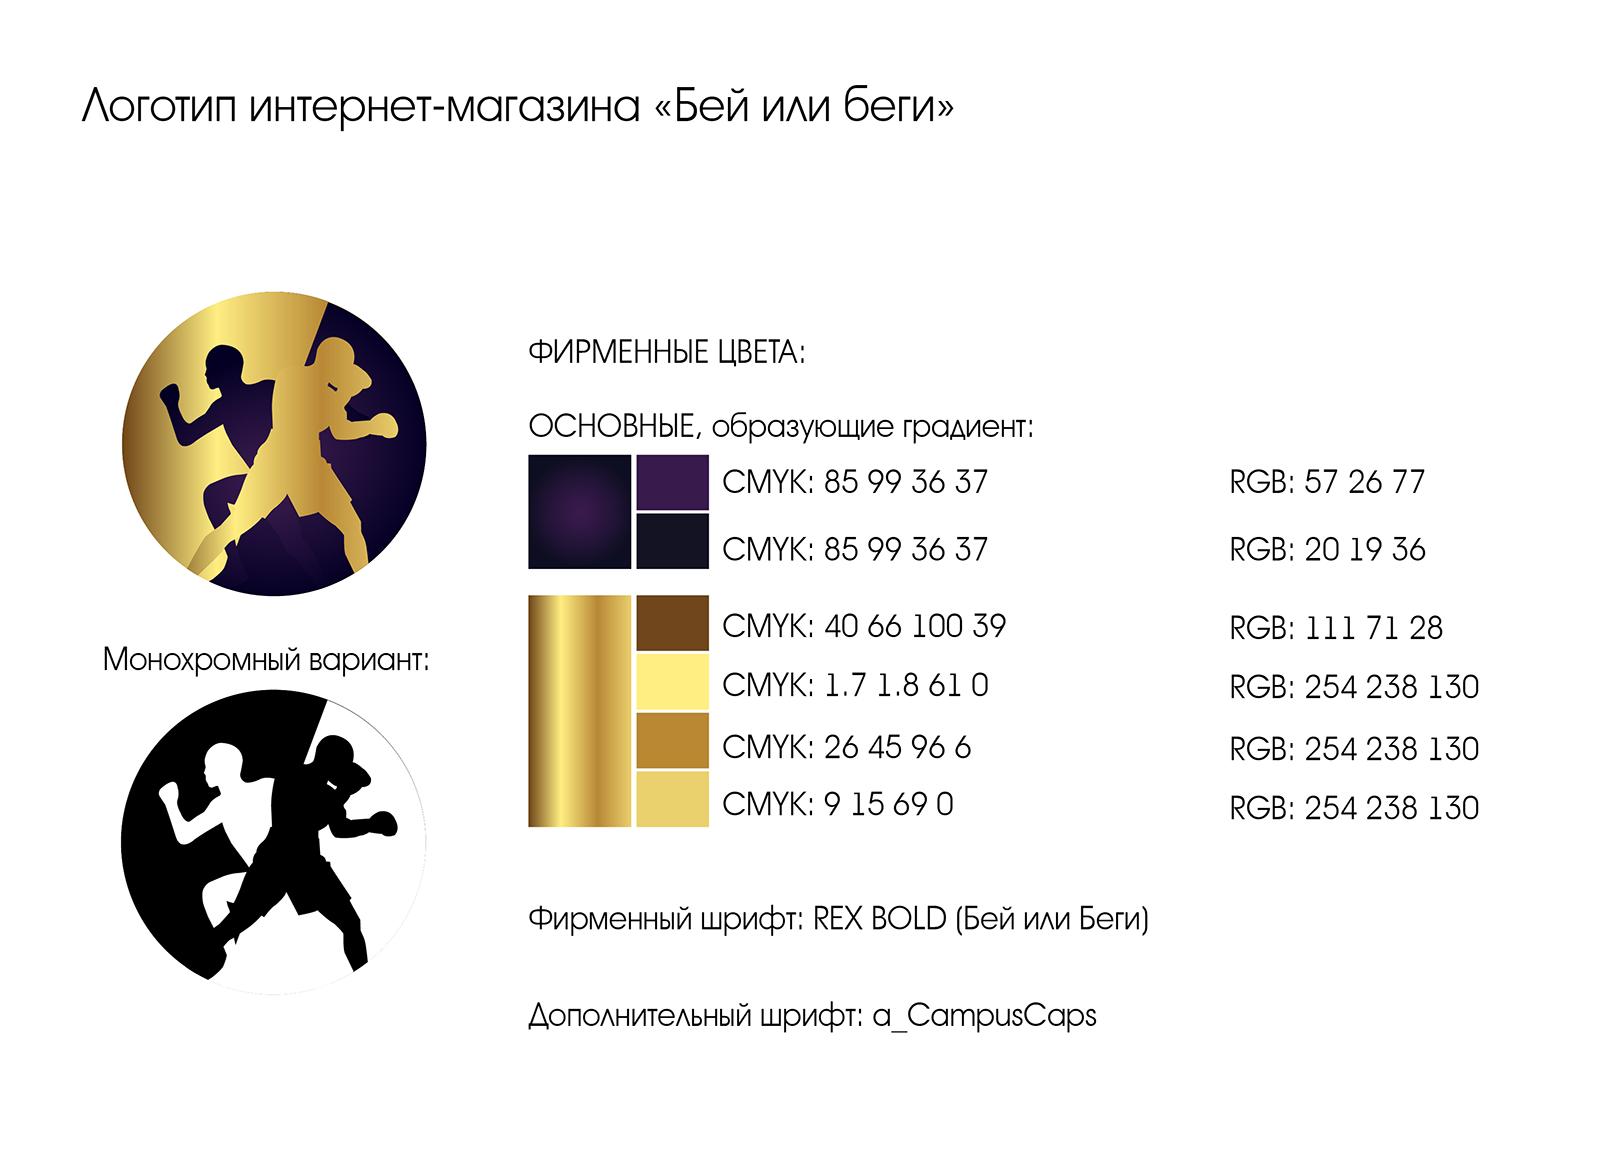 Мы с дизайнером подумали, что золотой и фиолетовый — премиальные и дорогие цвета, поэтому выбрали их длялоготипа